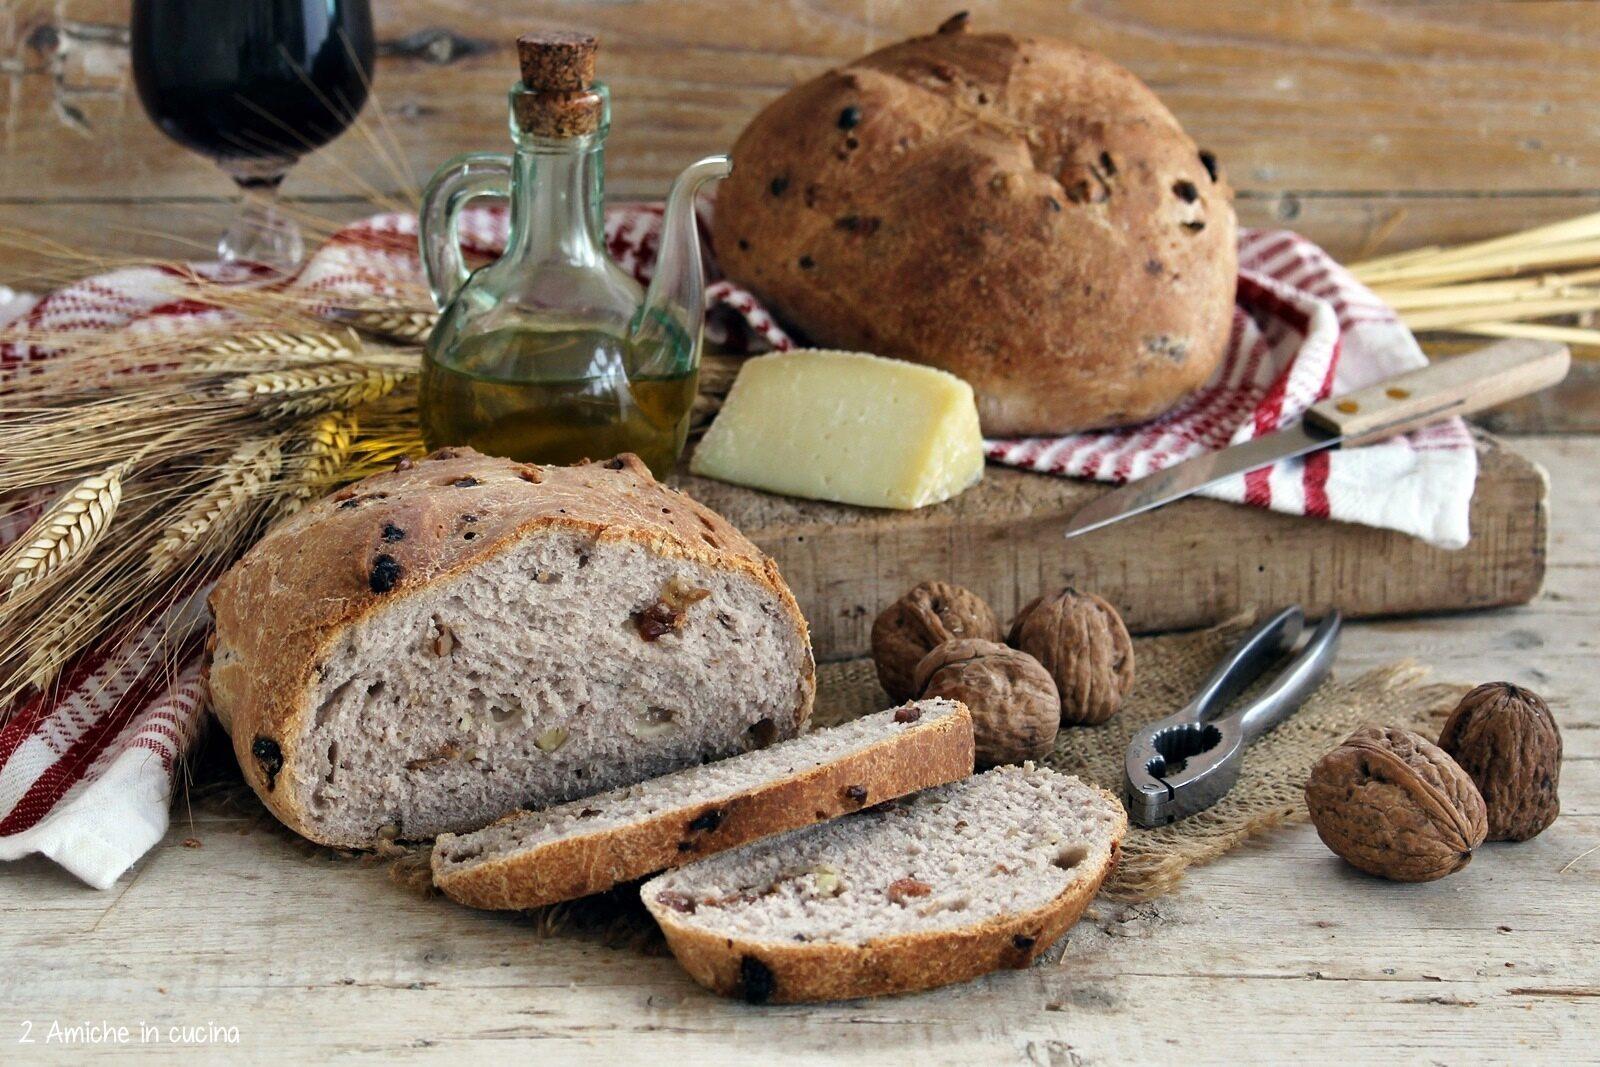 Pane tipico di Todi con noci e pecorino